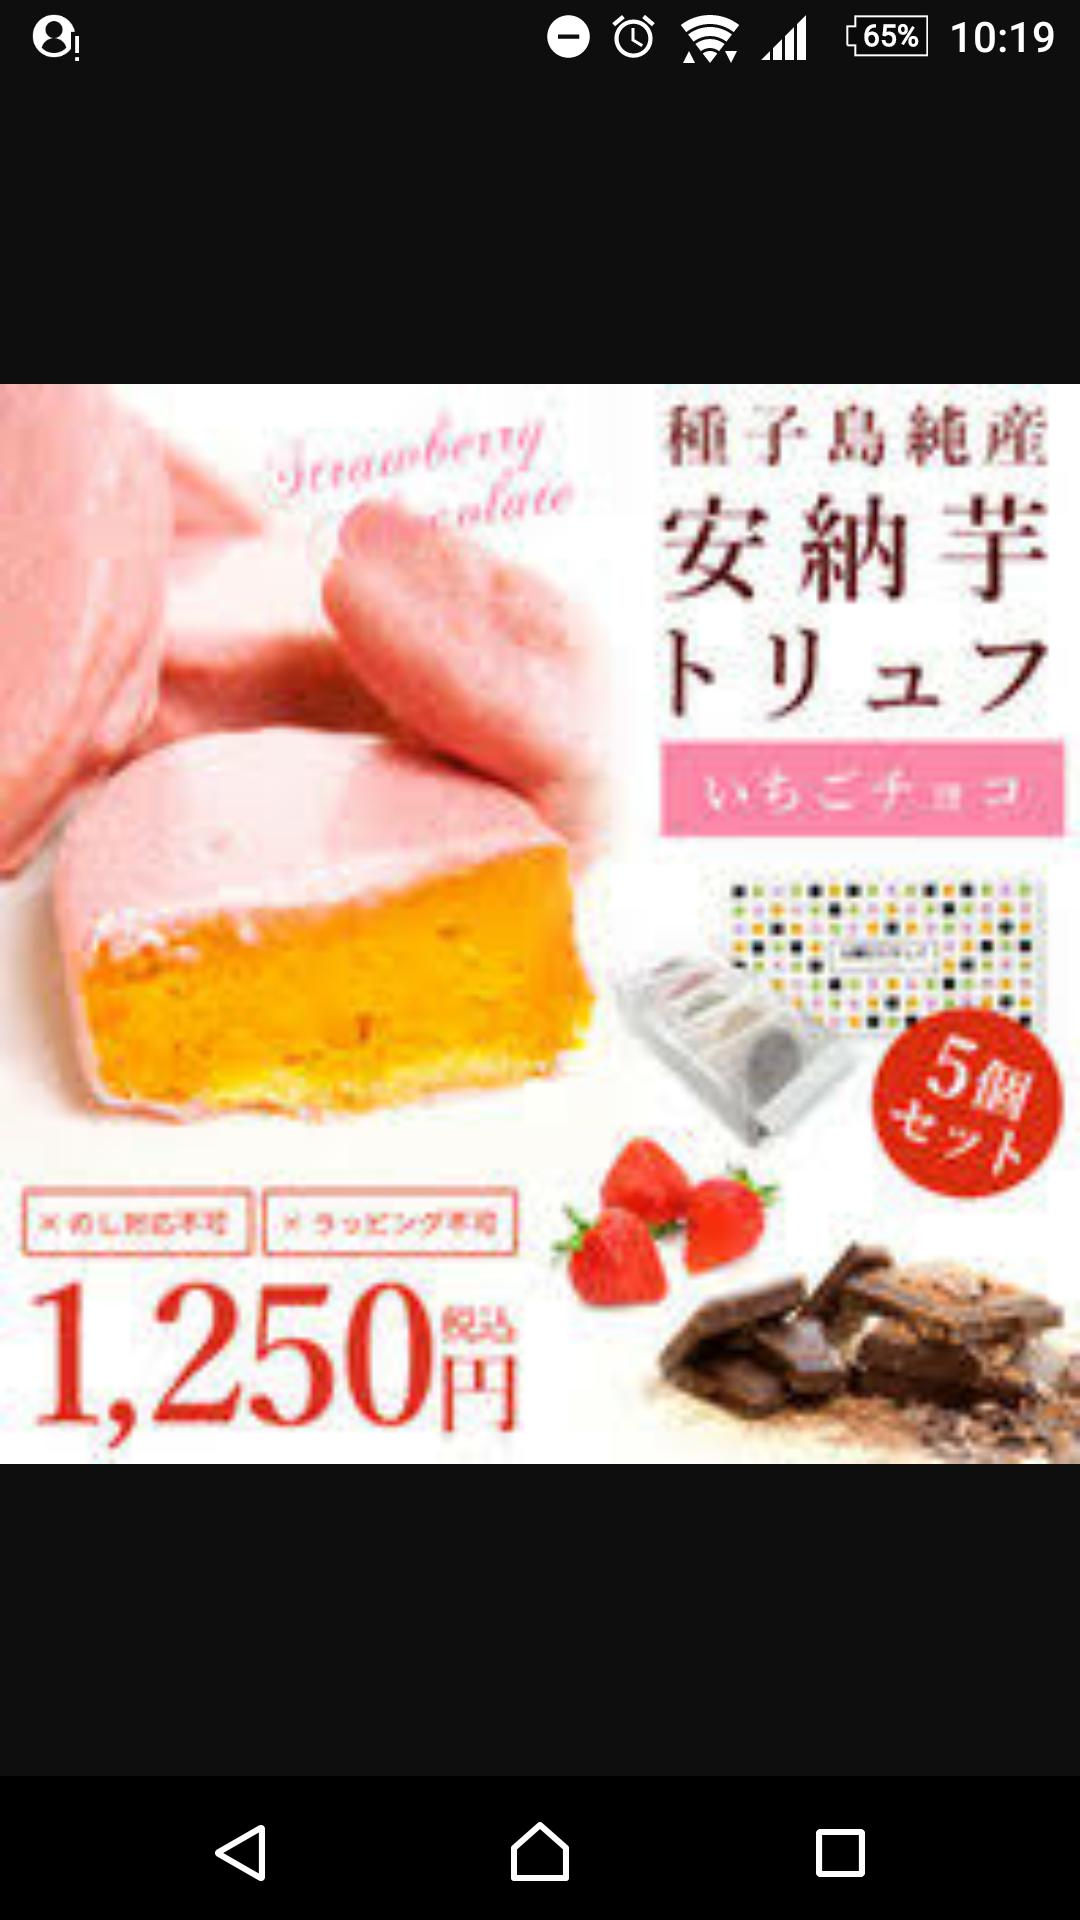 いちごのお菓子が好きな方!!